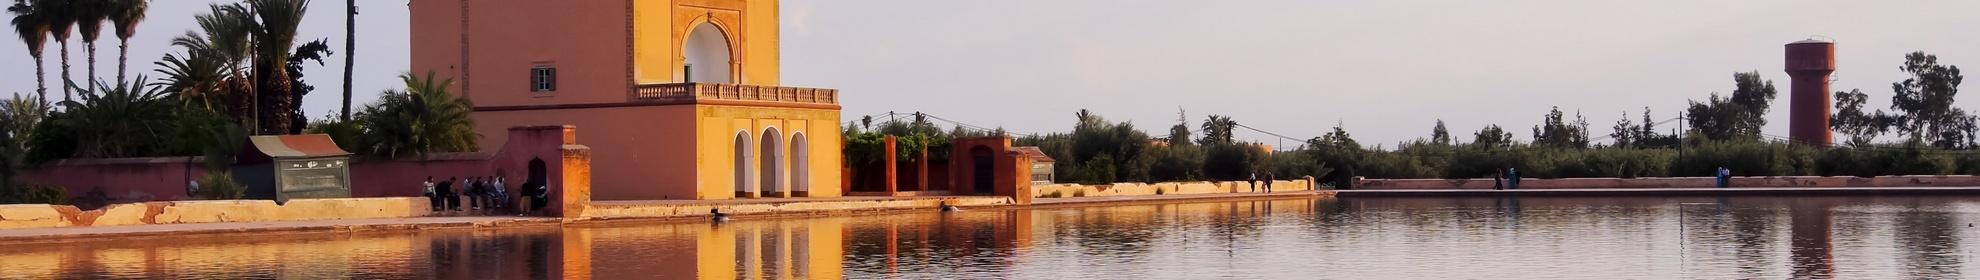 Riad le jardin des sens marrakesh meilleurs prix r servez et conomisez - Le jardin des sens cogolin ...